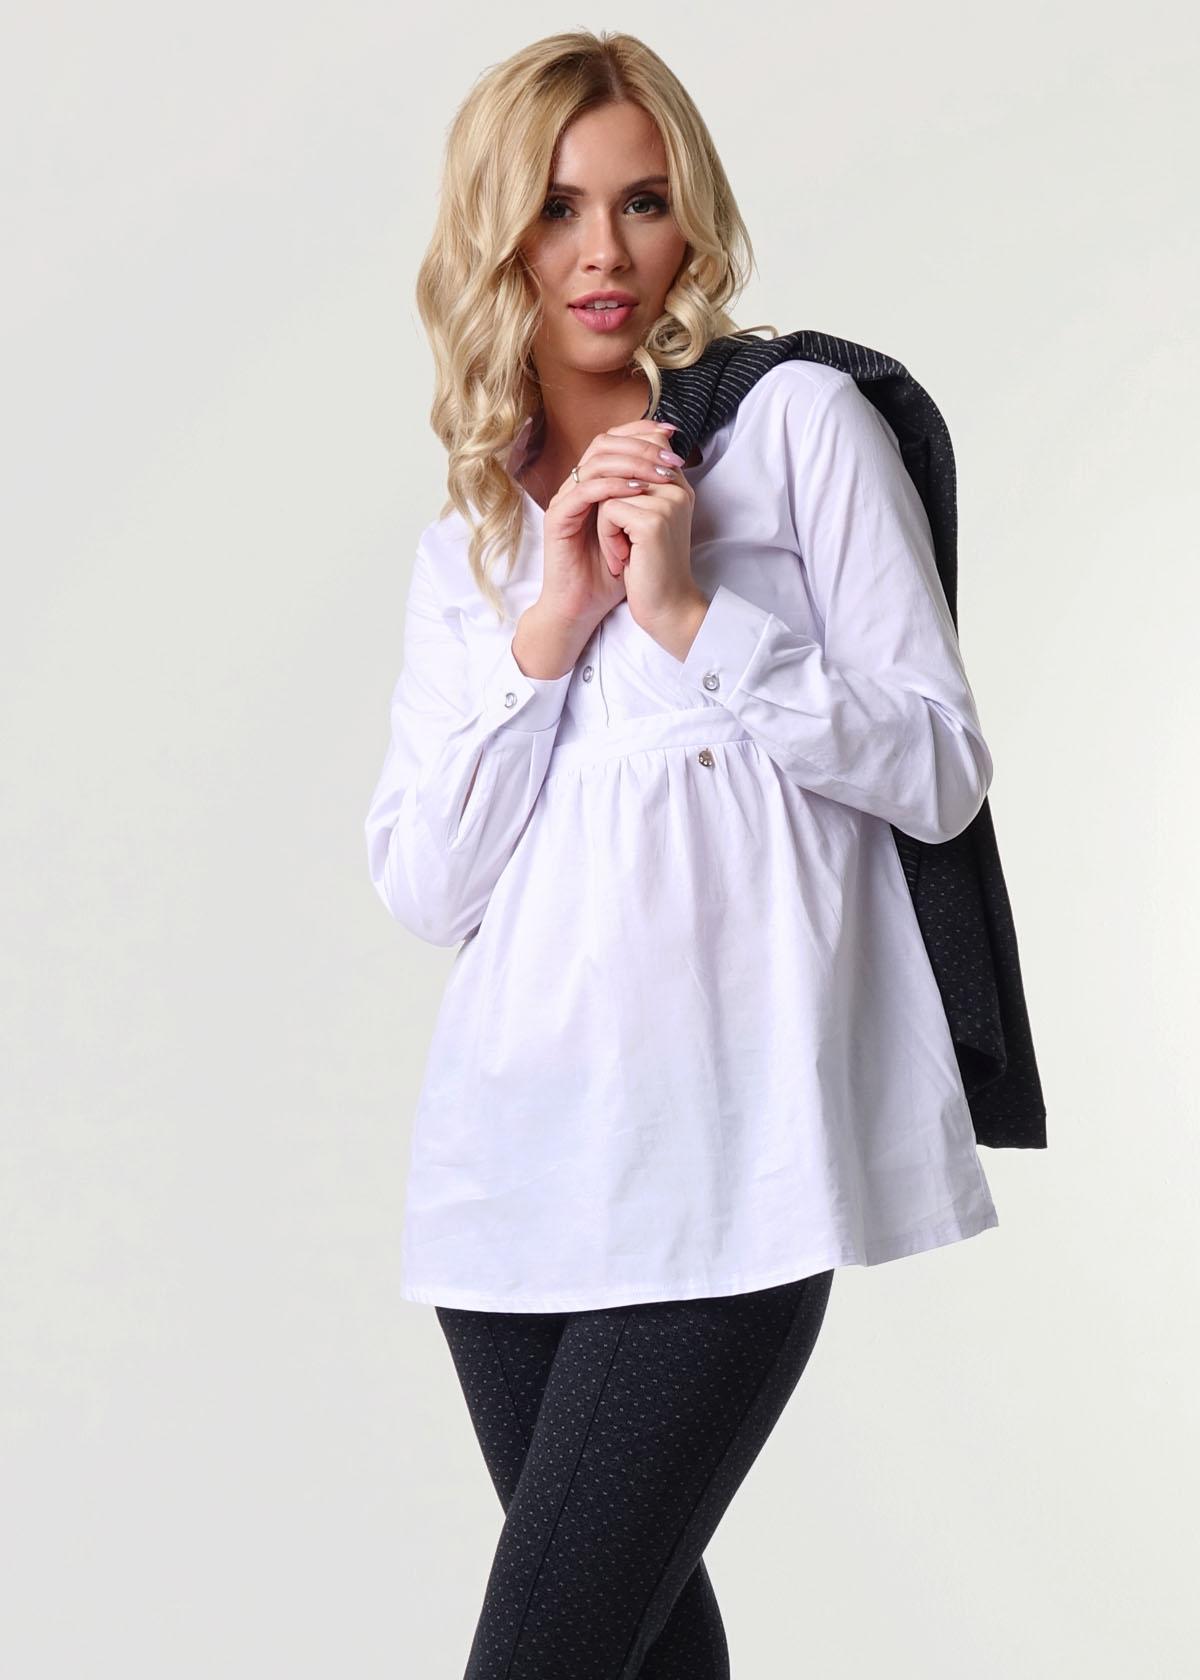 9598cc692f4 Блузки и рубашки для беременных и кормящих грудью мам